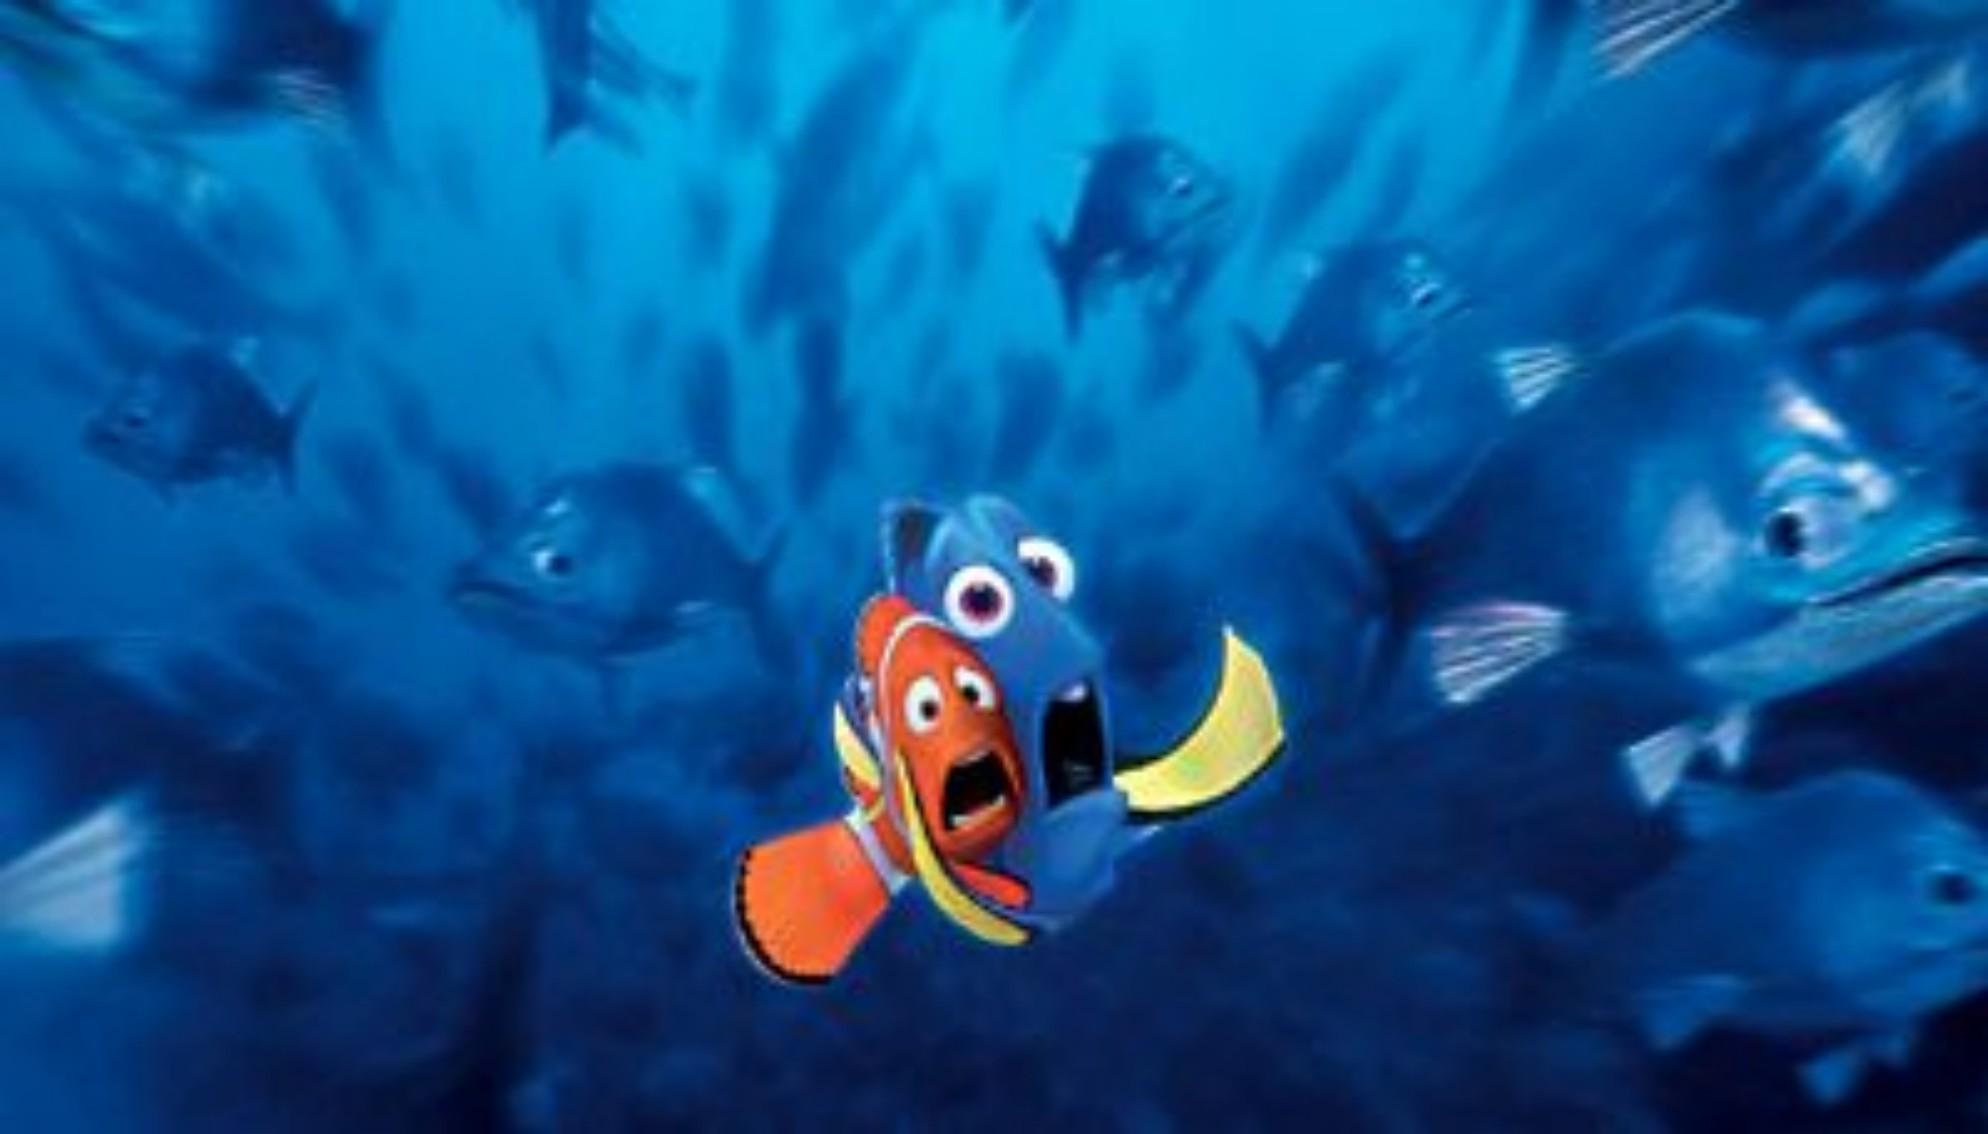 Immagini alla ricerca di nemo merlin e dory terrorizzati for Immagini dory